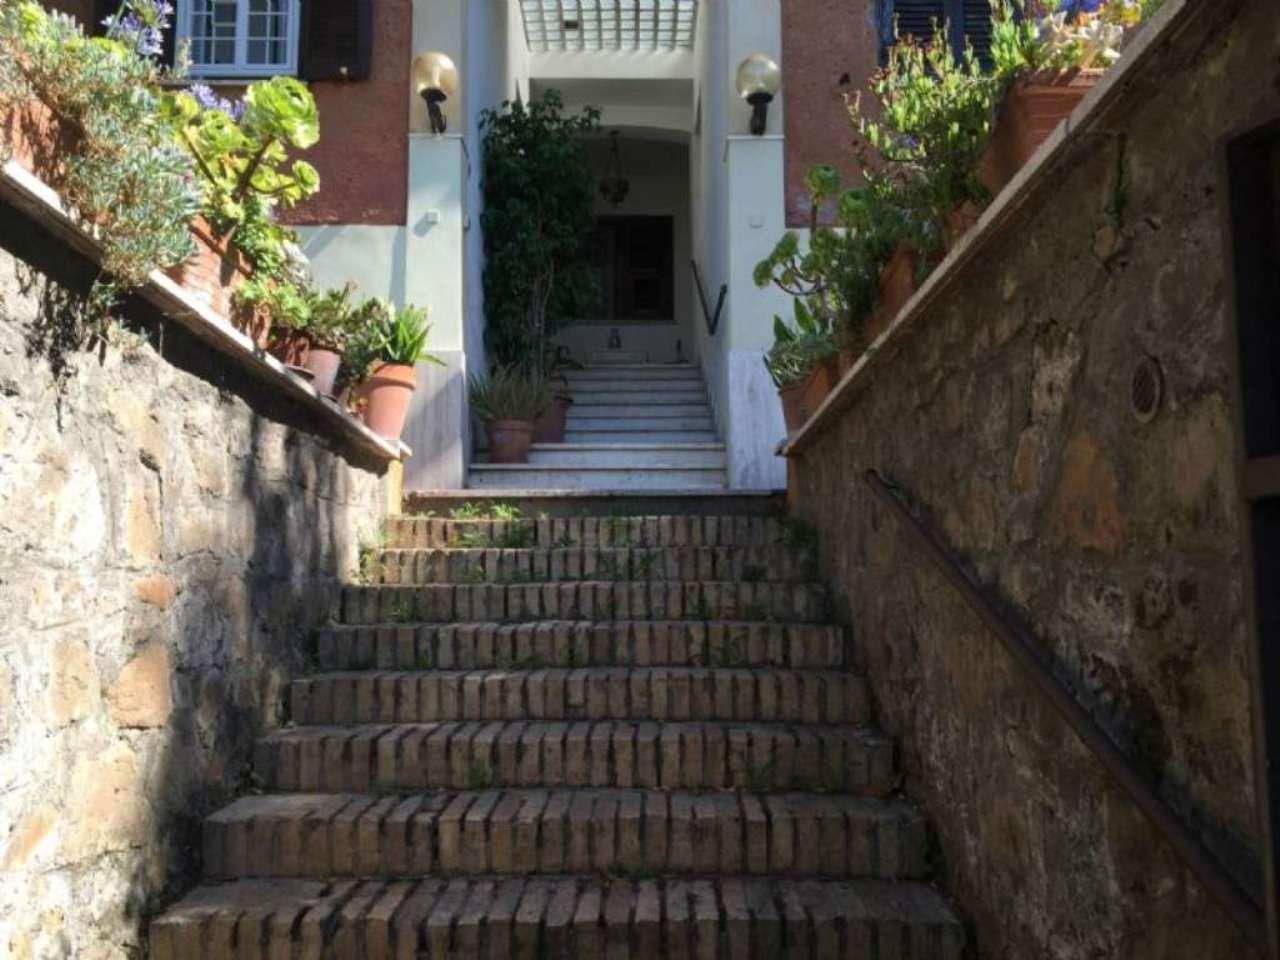 Soluzione Indipendente in vendita a Roma, 5 locali, zona Zona: 23 . Portuense - Magliana, prezzo € 310.000 | Cambio Casa.it